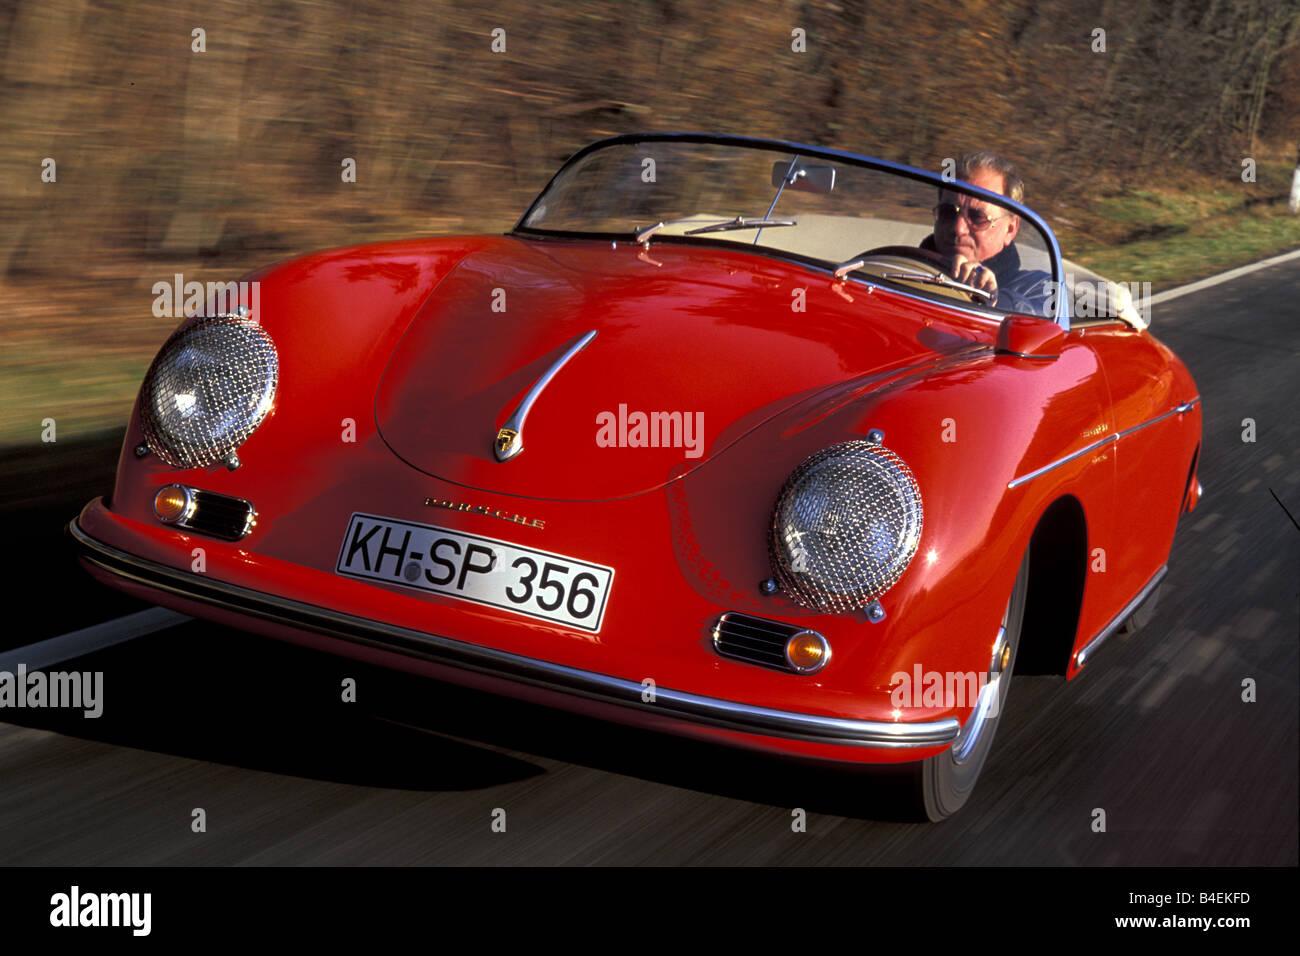 Car Porsche 356 Carrera A Speedster Model Year 1955 1958 Convertible Red Top Open Vintage 1950s Fifties